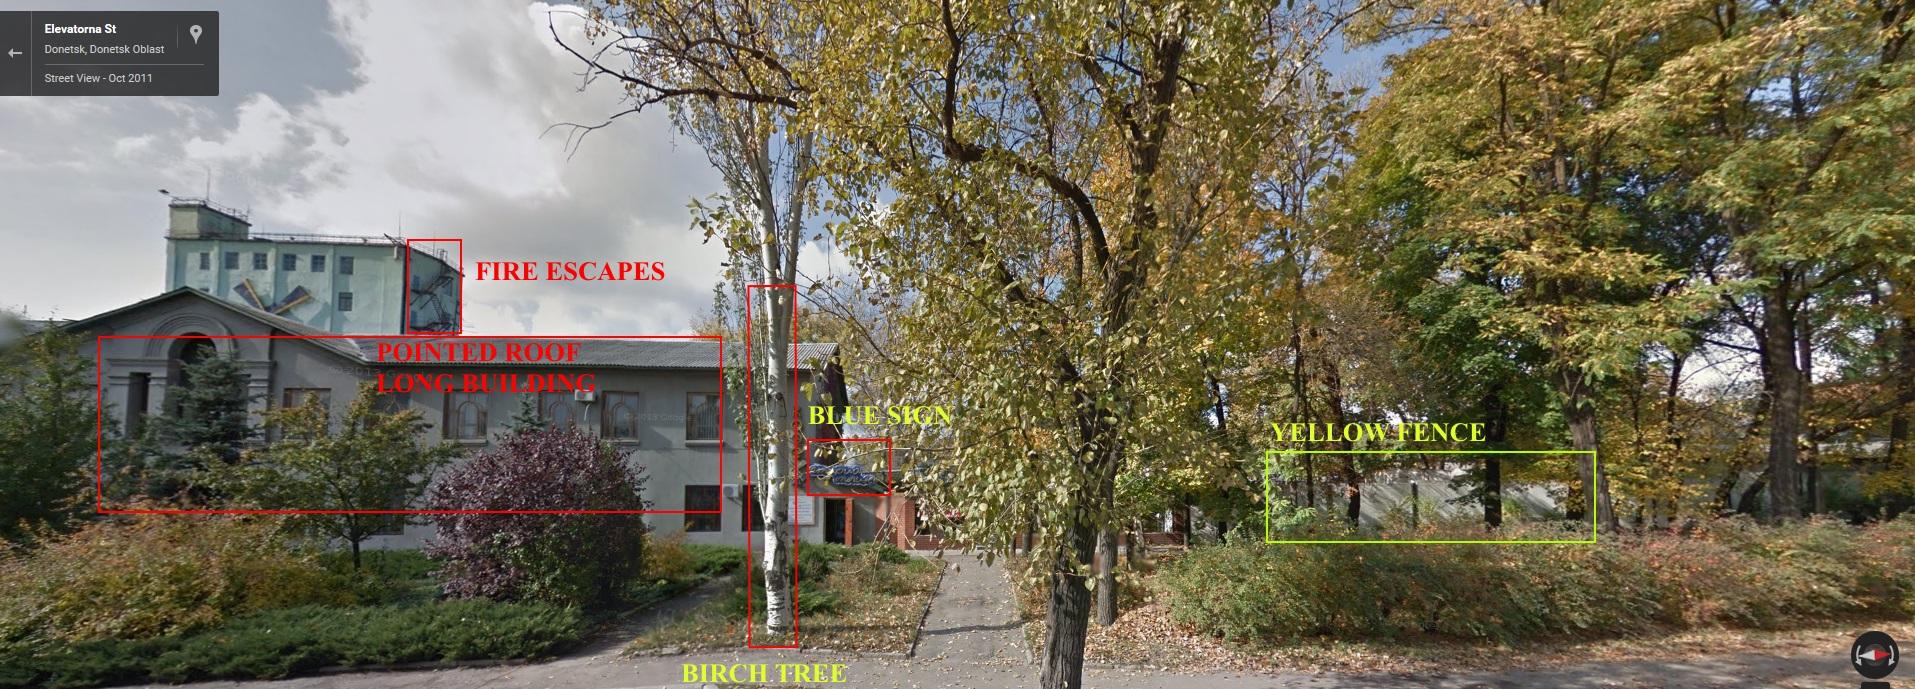 GSV-Elevatornaya.jpg